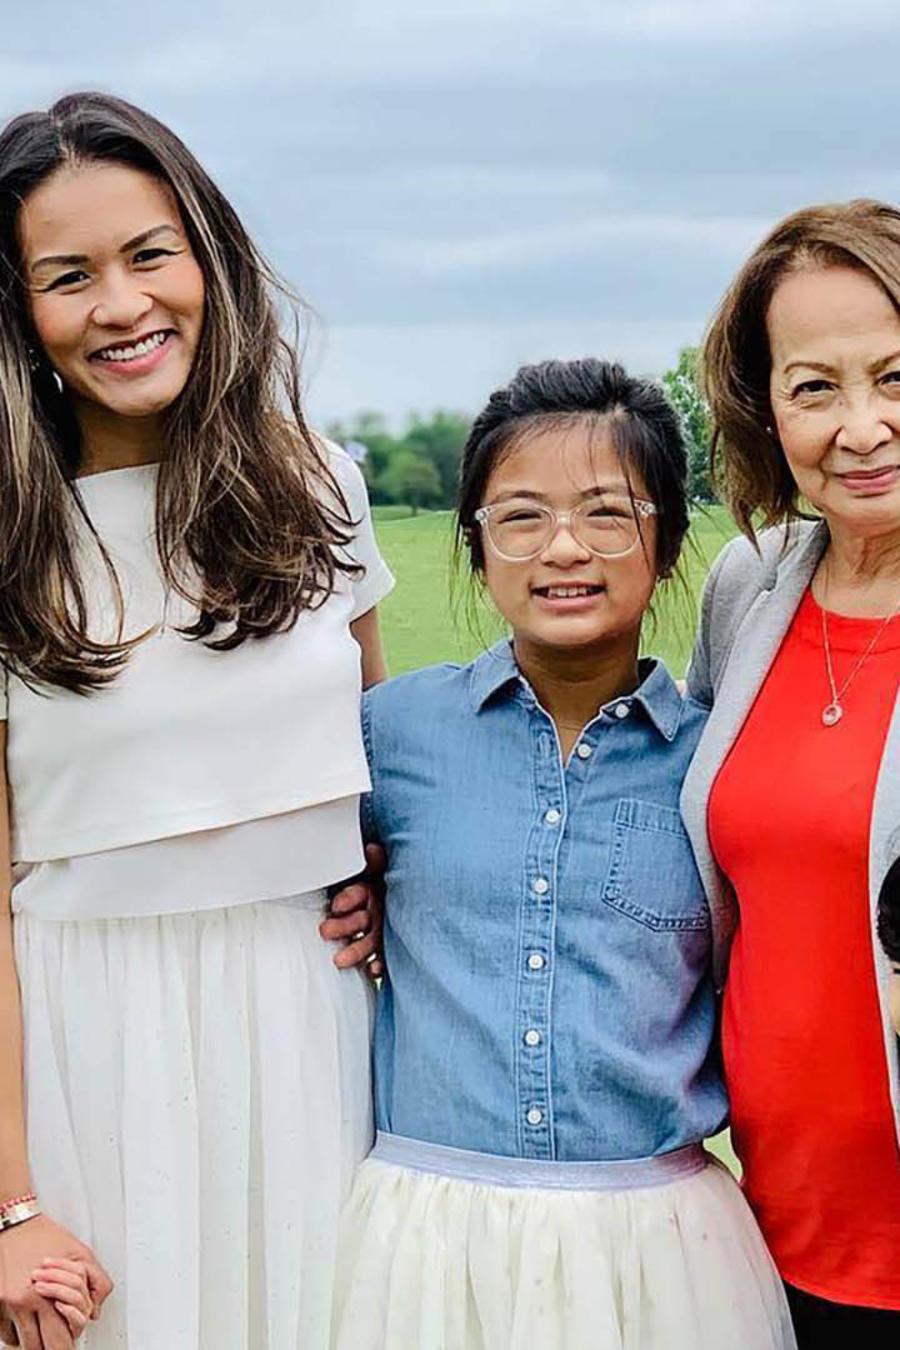 En esta fotografía compartida en Facebook, puede verse a Jackie Nguyen, de 41 años (arriba a la izquierda), junto a su madre, Loan Le de 75 años, su hija Collette de 5 años, su hija Olivia de 11 años y su hijo Edison de 8 años.